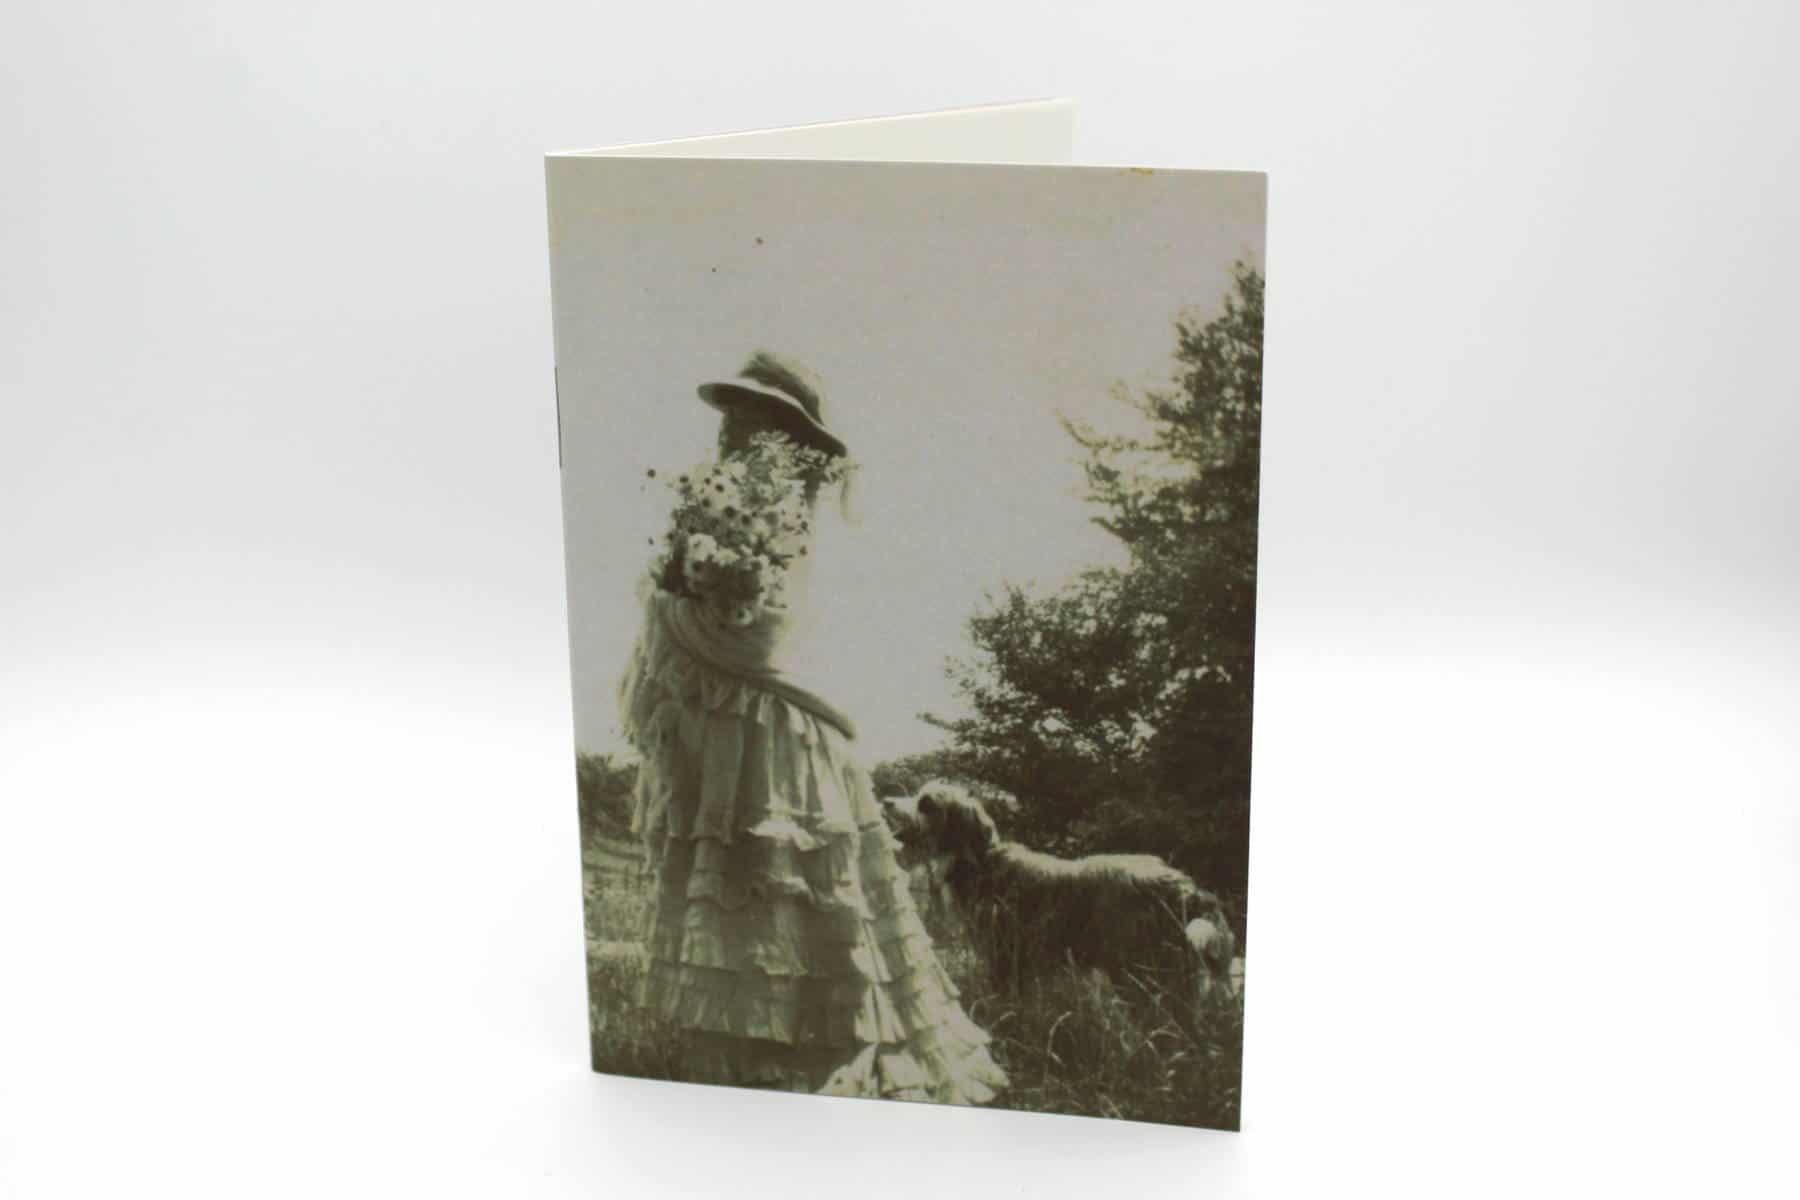 Cahier A6 - Photo de Lucie Hessel par Edouard Vuillard